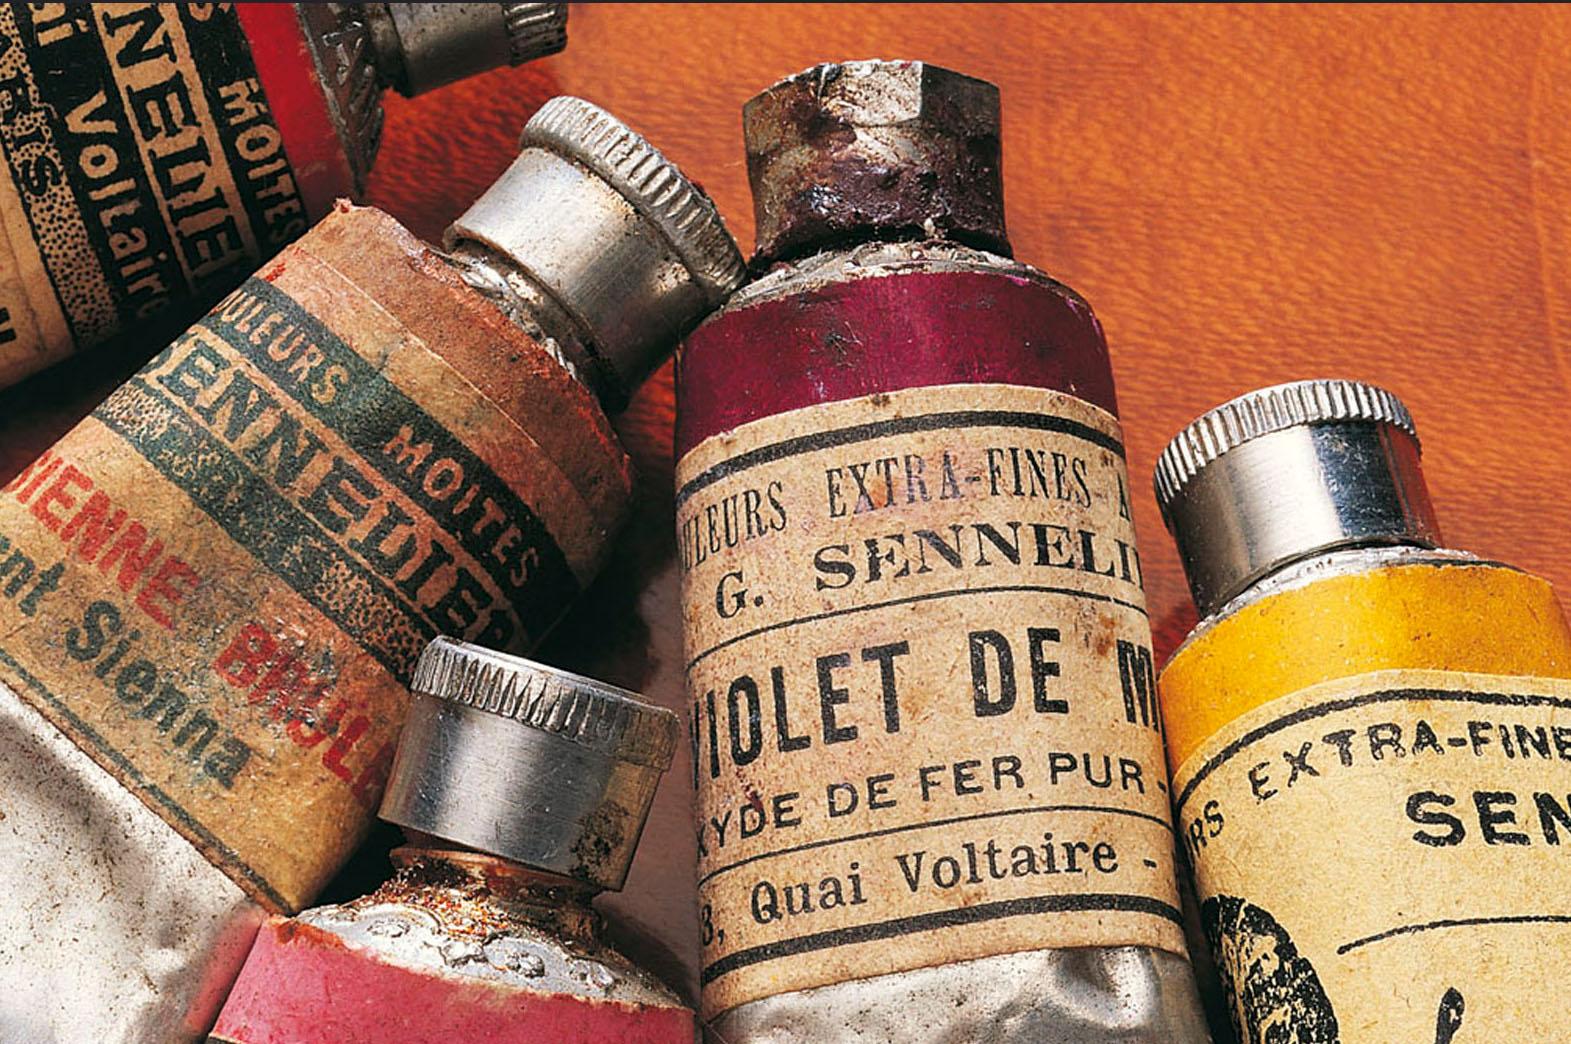 vieux-tubes-1600-x-1200-copy